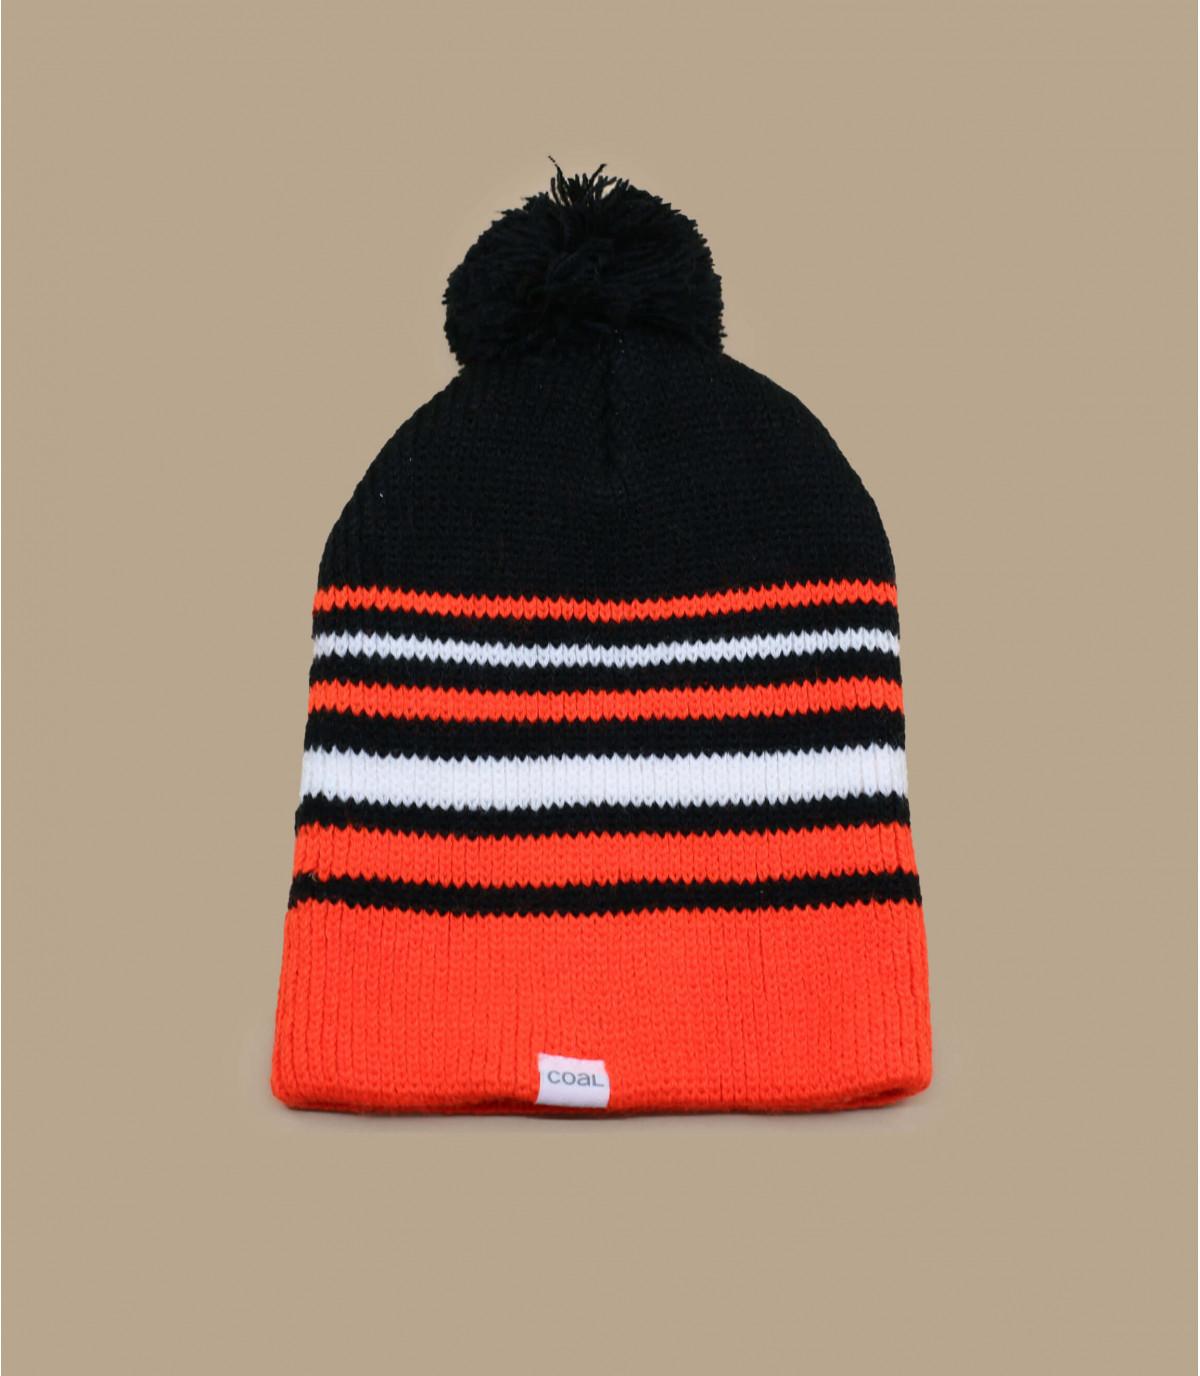 Bonnet orange fluo